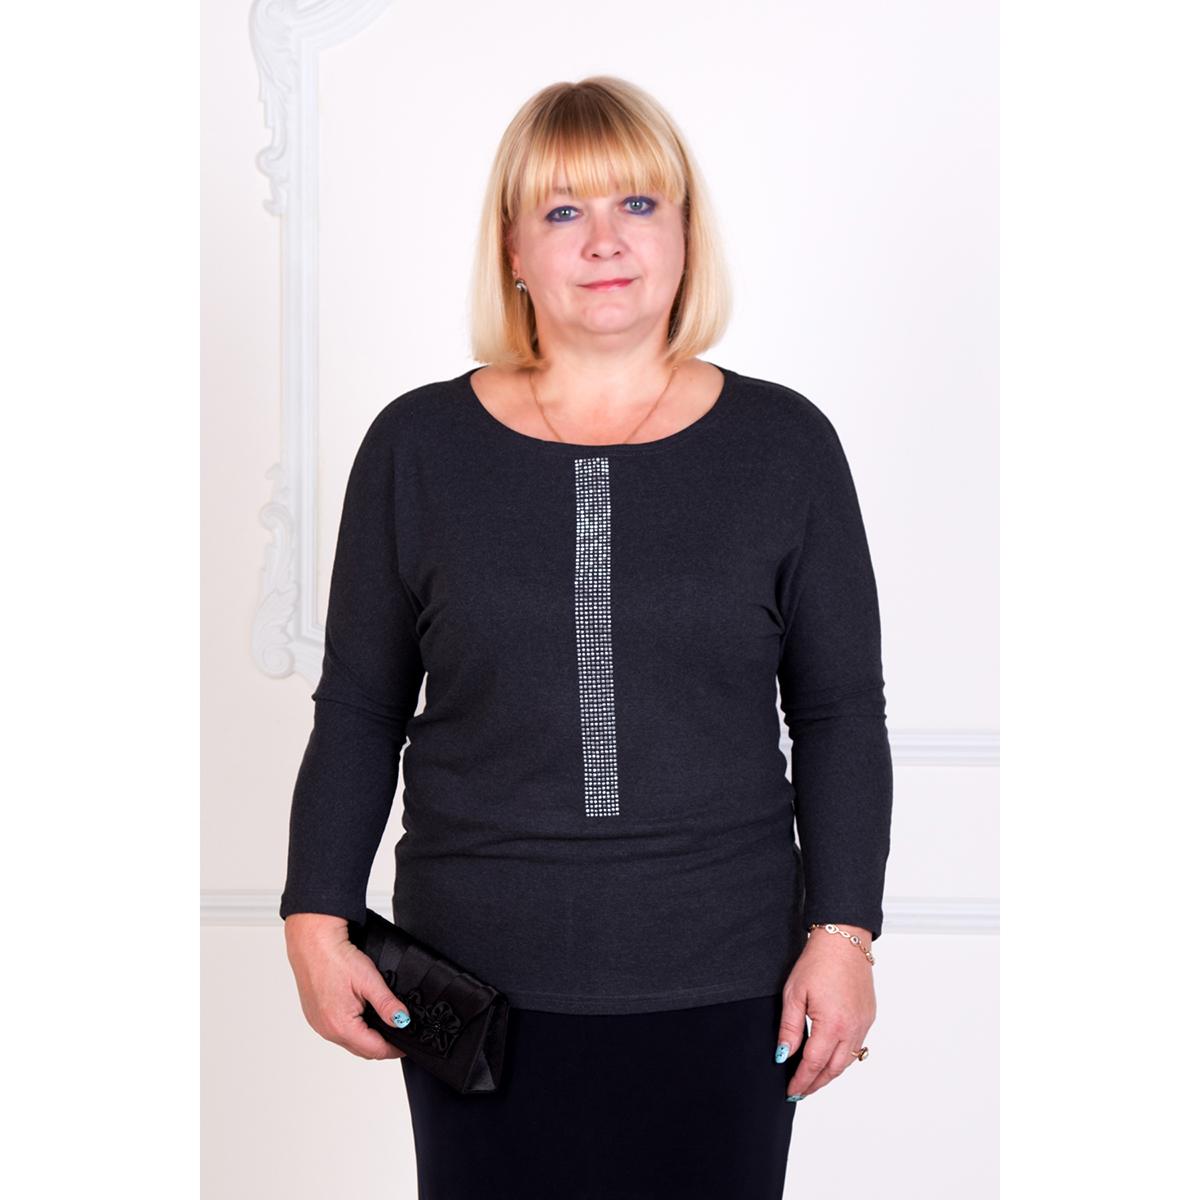 Женская блуза Симфония Антрацитовый, размер 46Блузы<br>Обхват груди: 92 см <br>Обхват талии: 74 см <br>Обхват бедер: 100 см <br>Рост: 167 см<br><br>Тип: Жен. блуза<br>Размер: 46<br>Материал: Хамур